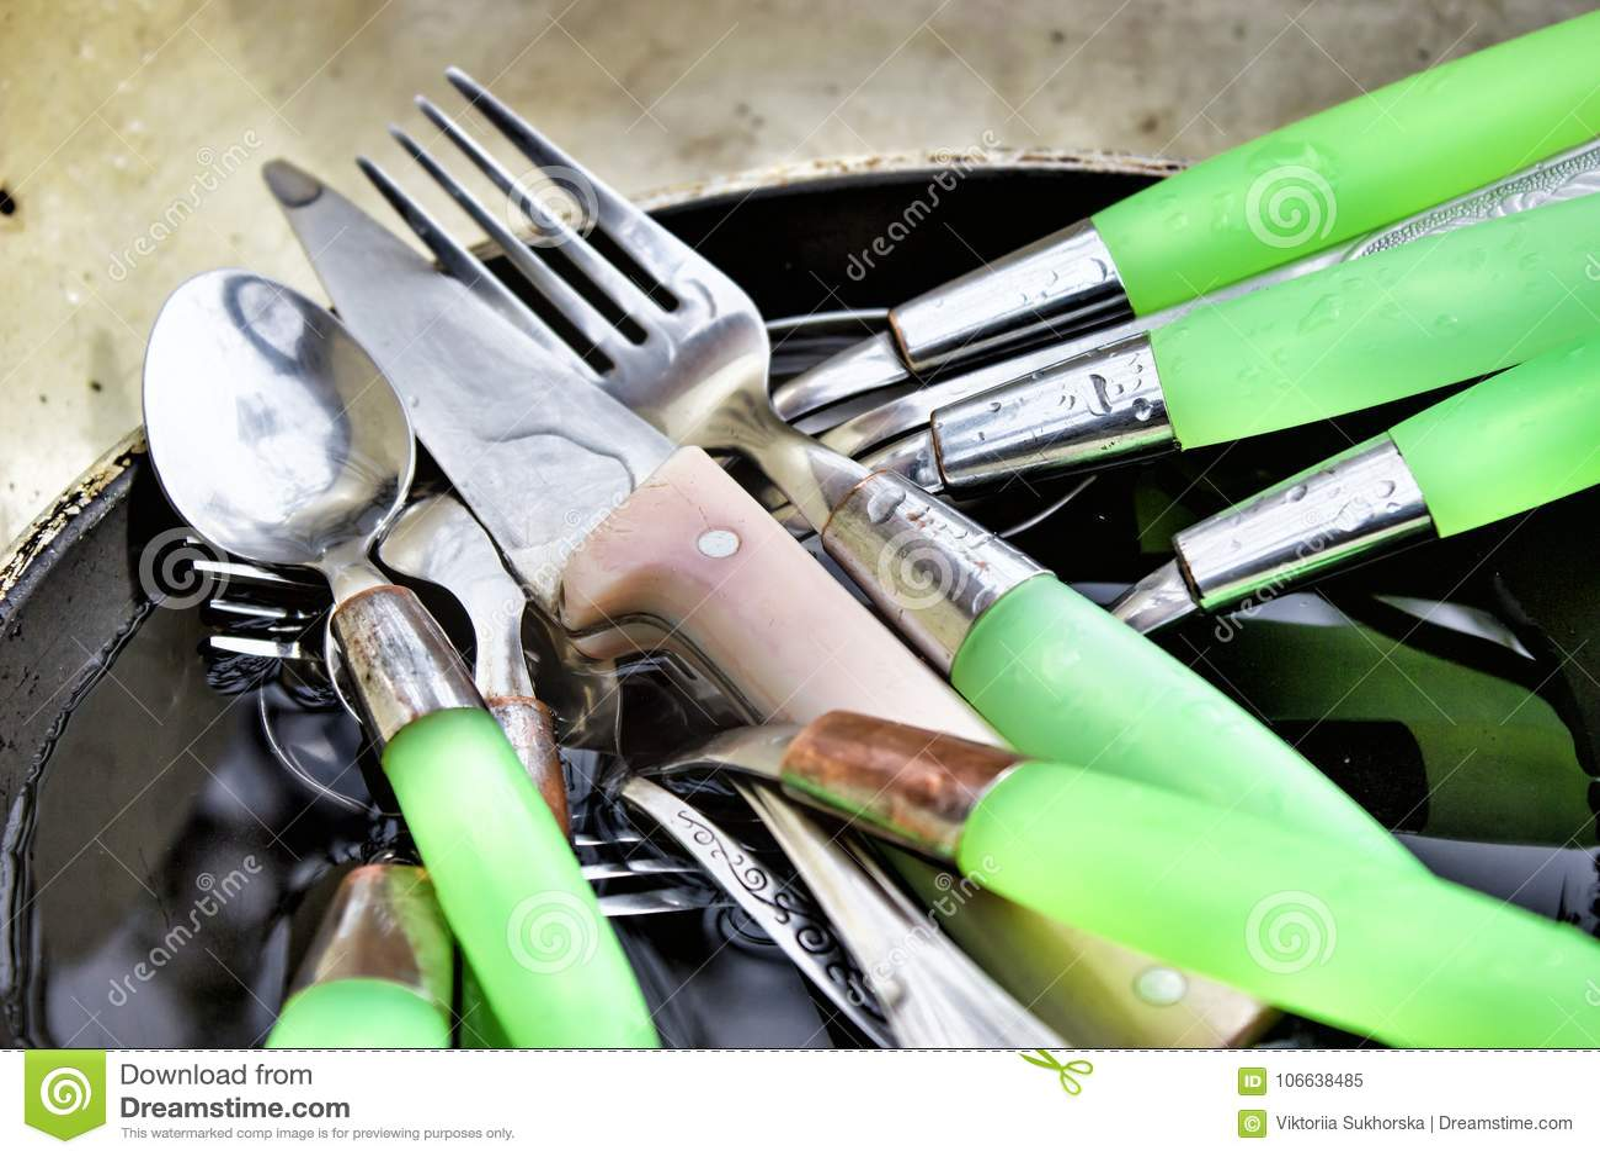 Les cuillères, les fourchettes et les couteaux sales sont dans la vieille casserole dans l évier af